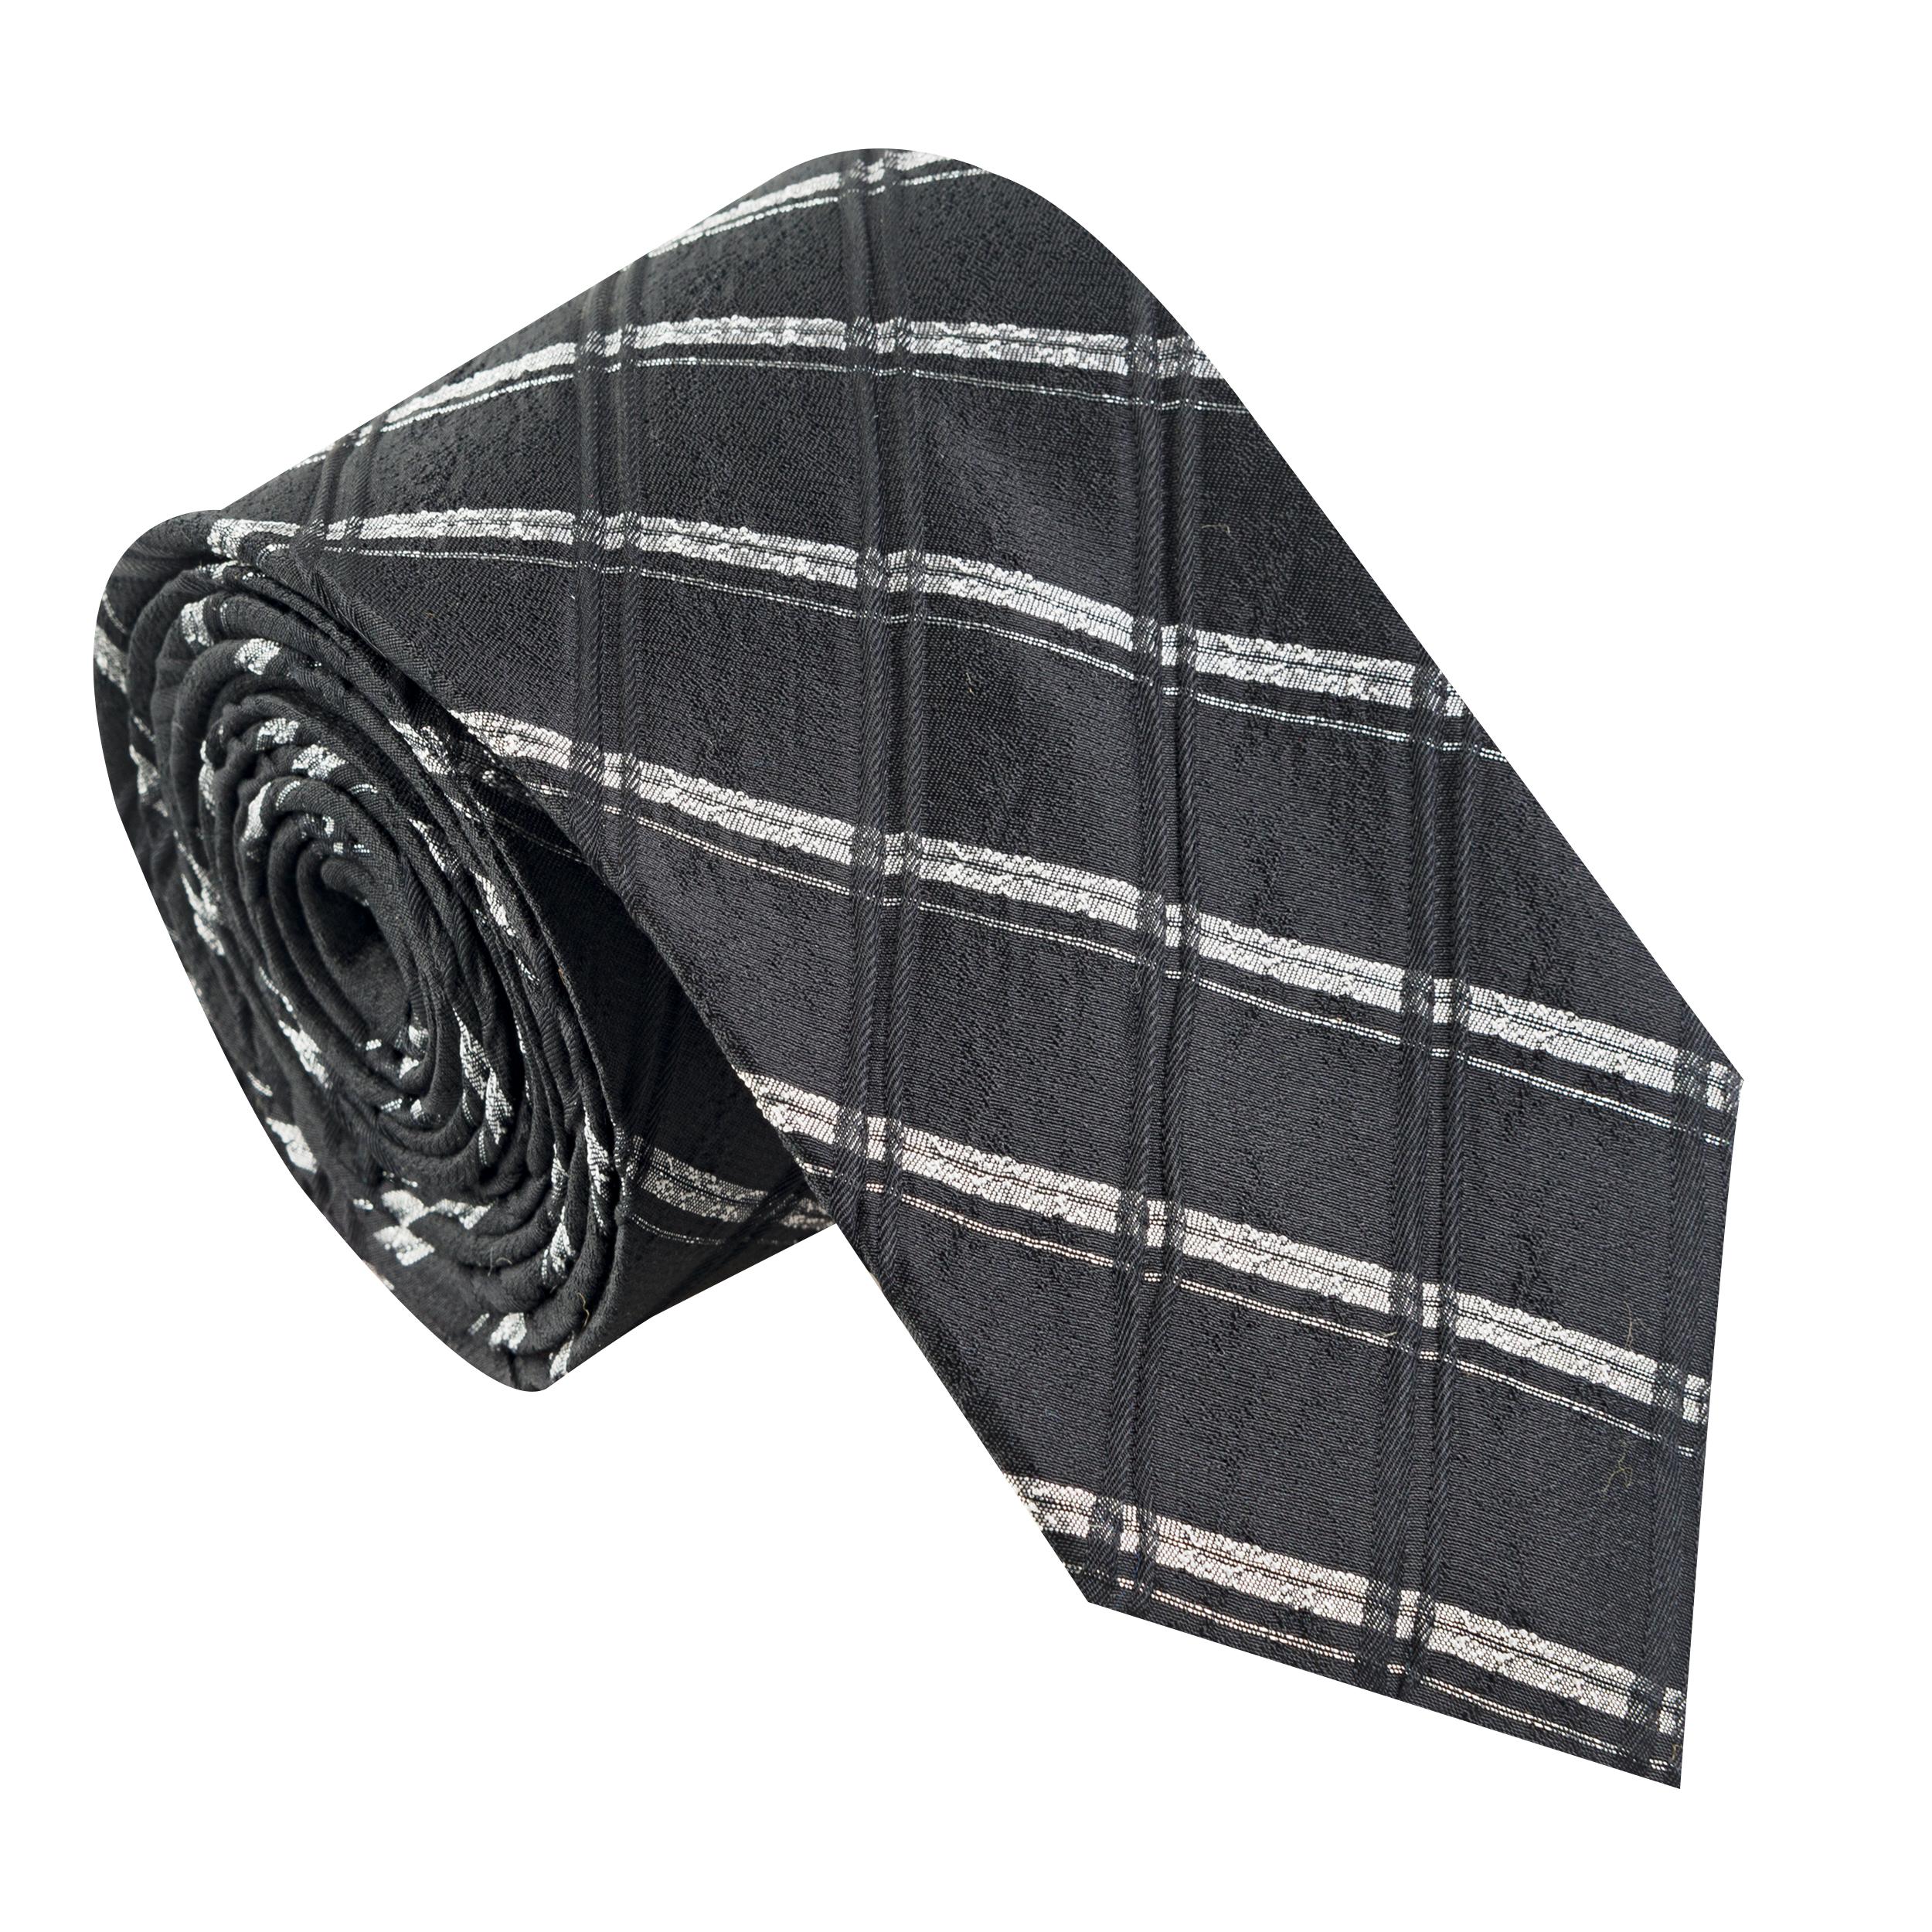 کراوات مردانه جیان فرانکو روسی مدل GF-ST519-BK